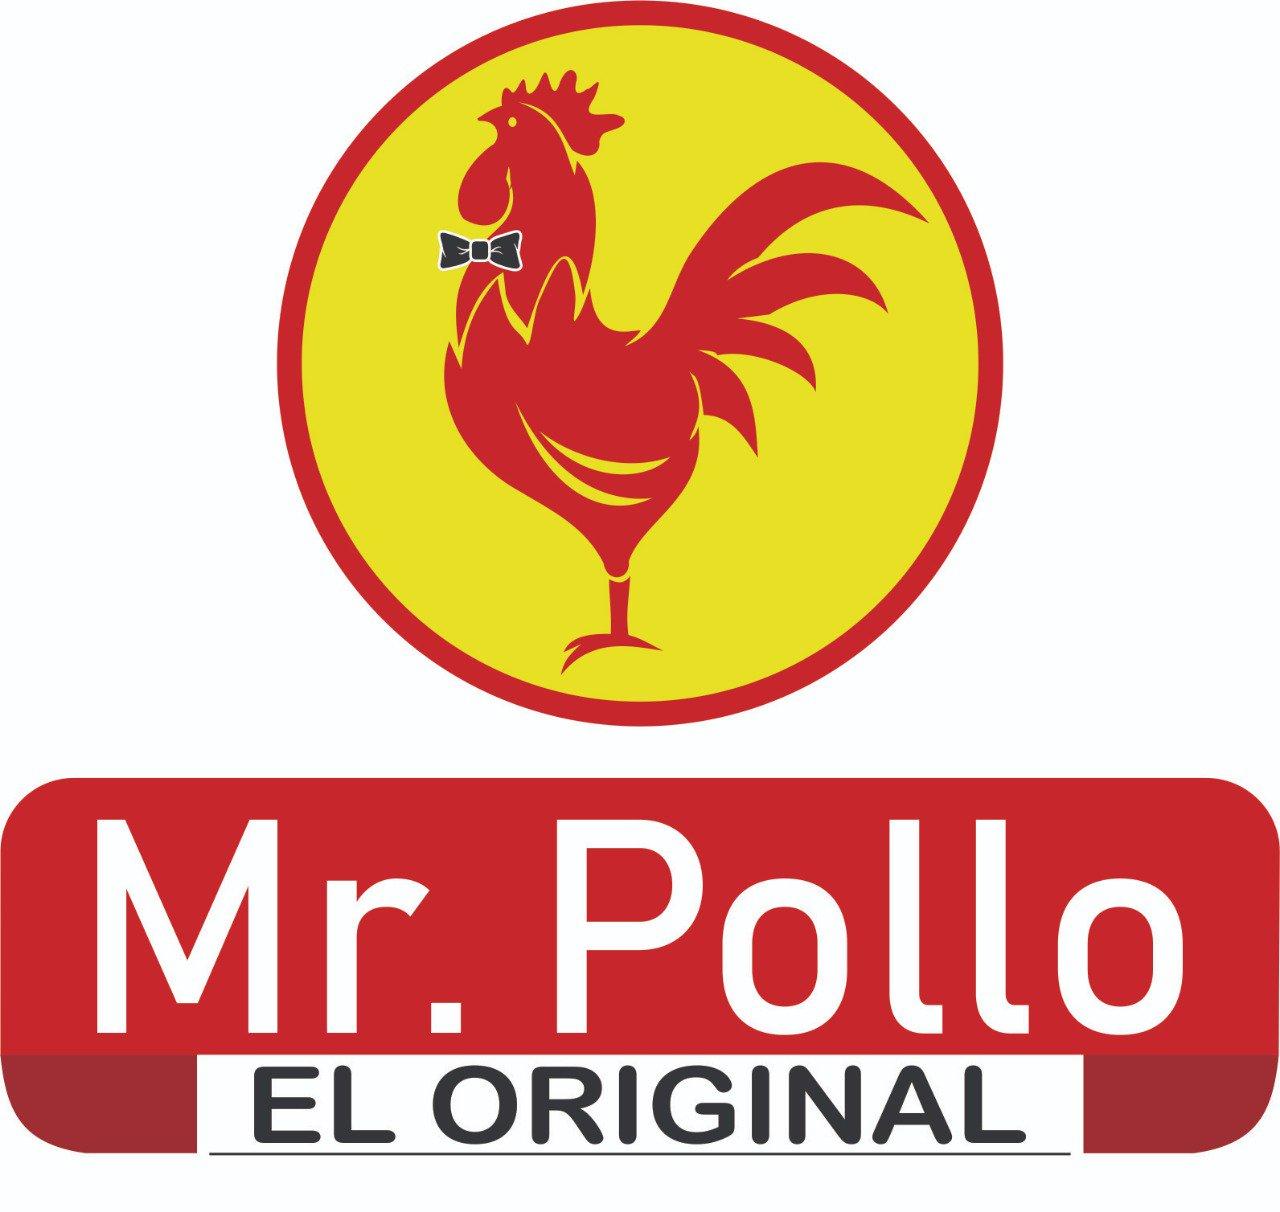 Mr. Pollo El Original